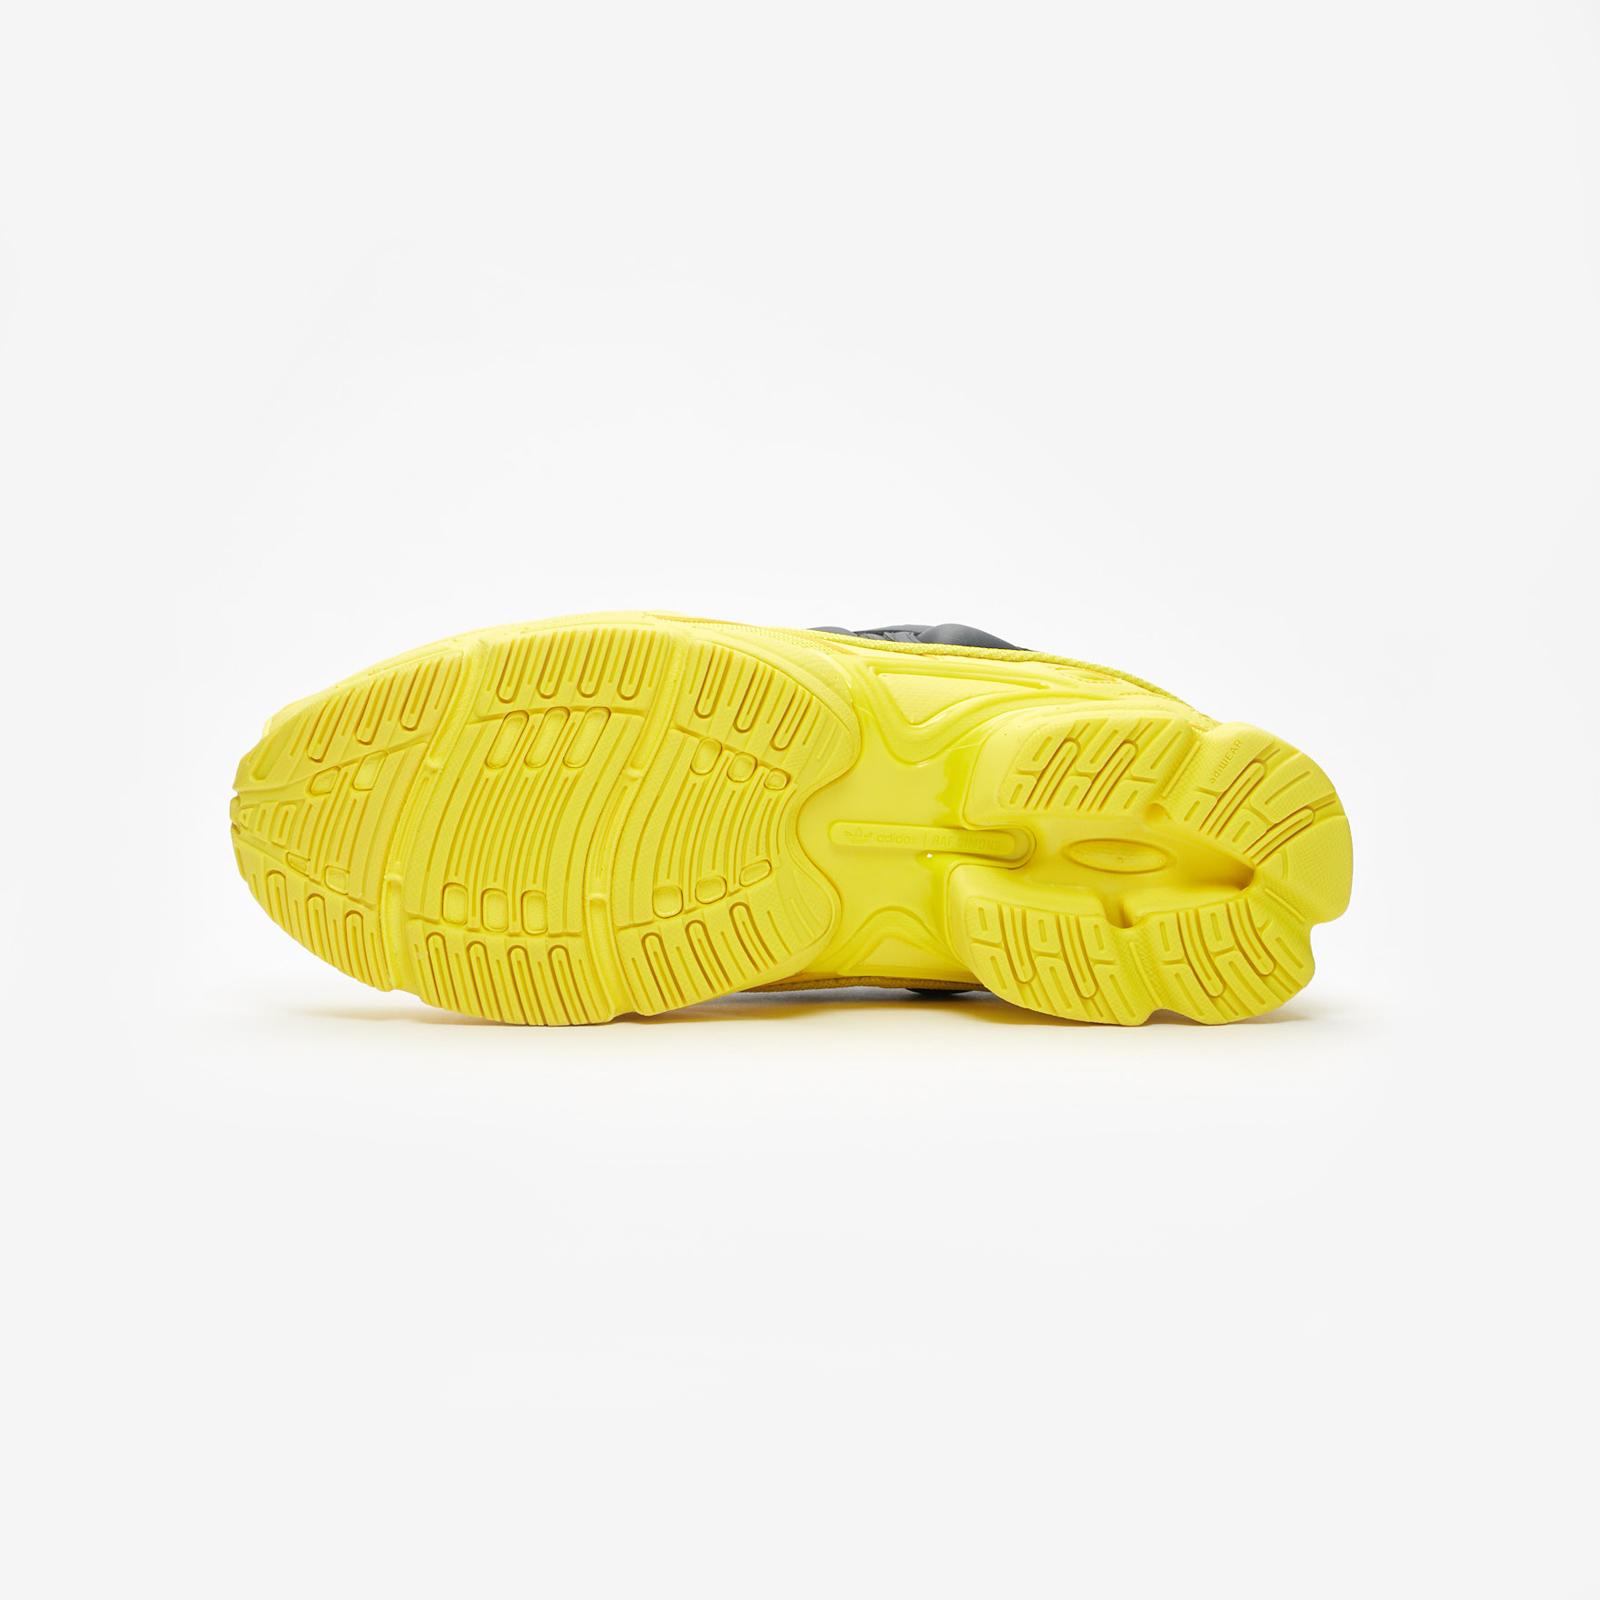 huge selection of 08418 f4a1a ... adidas x Raf Simons Raf Simons Ozweego ...